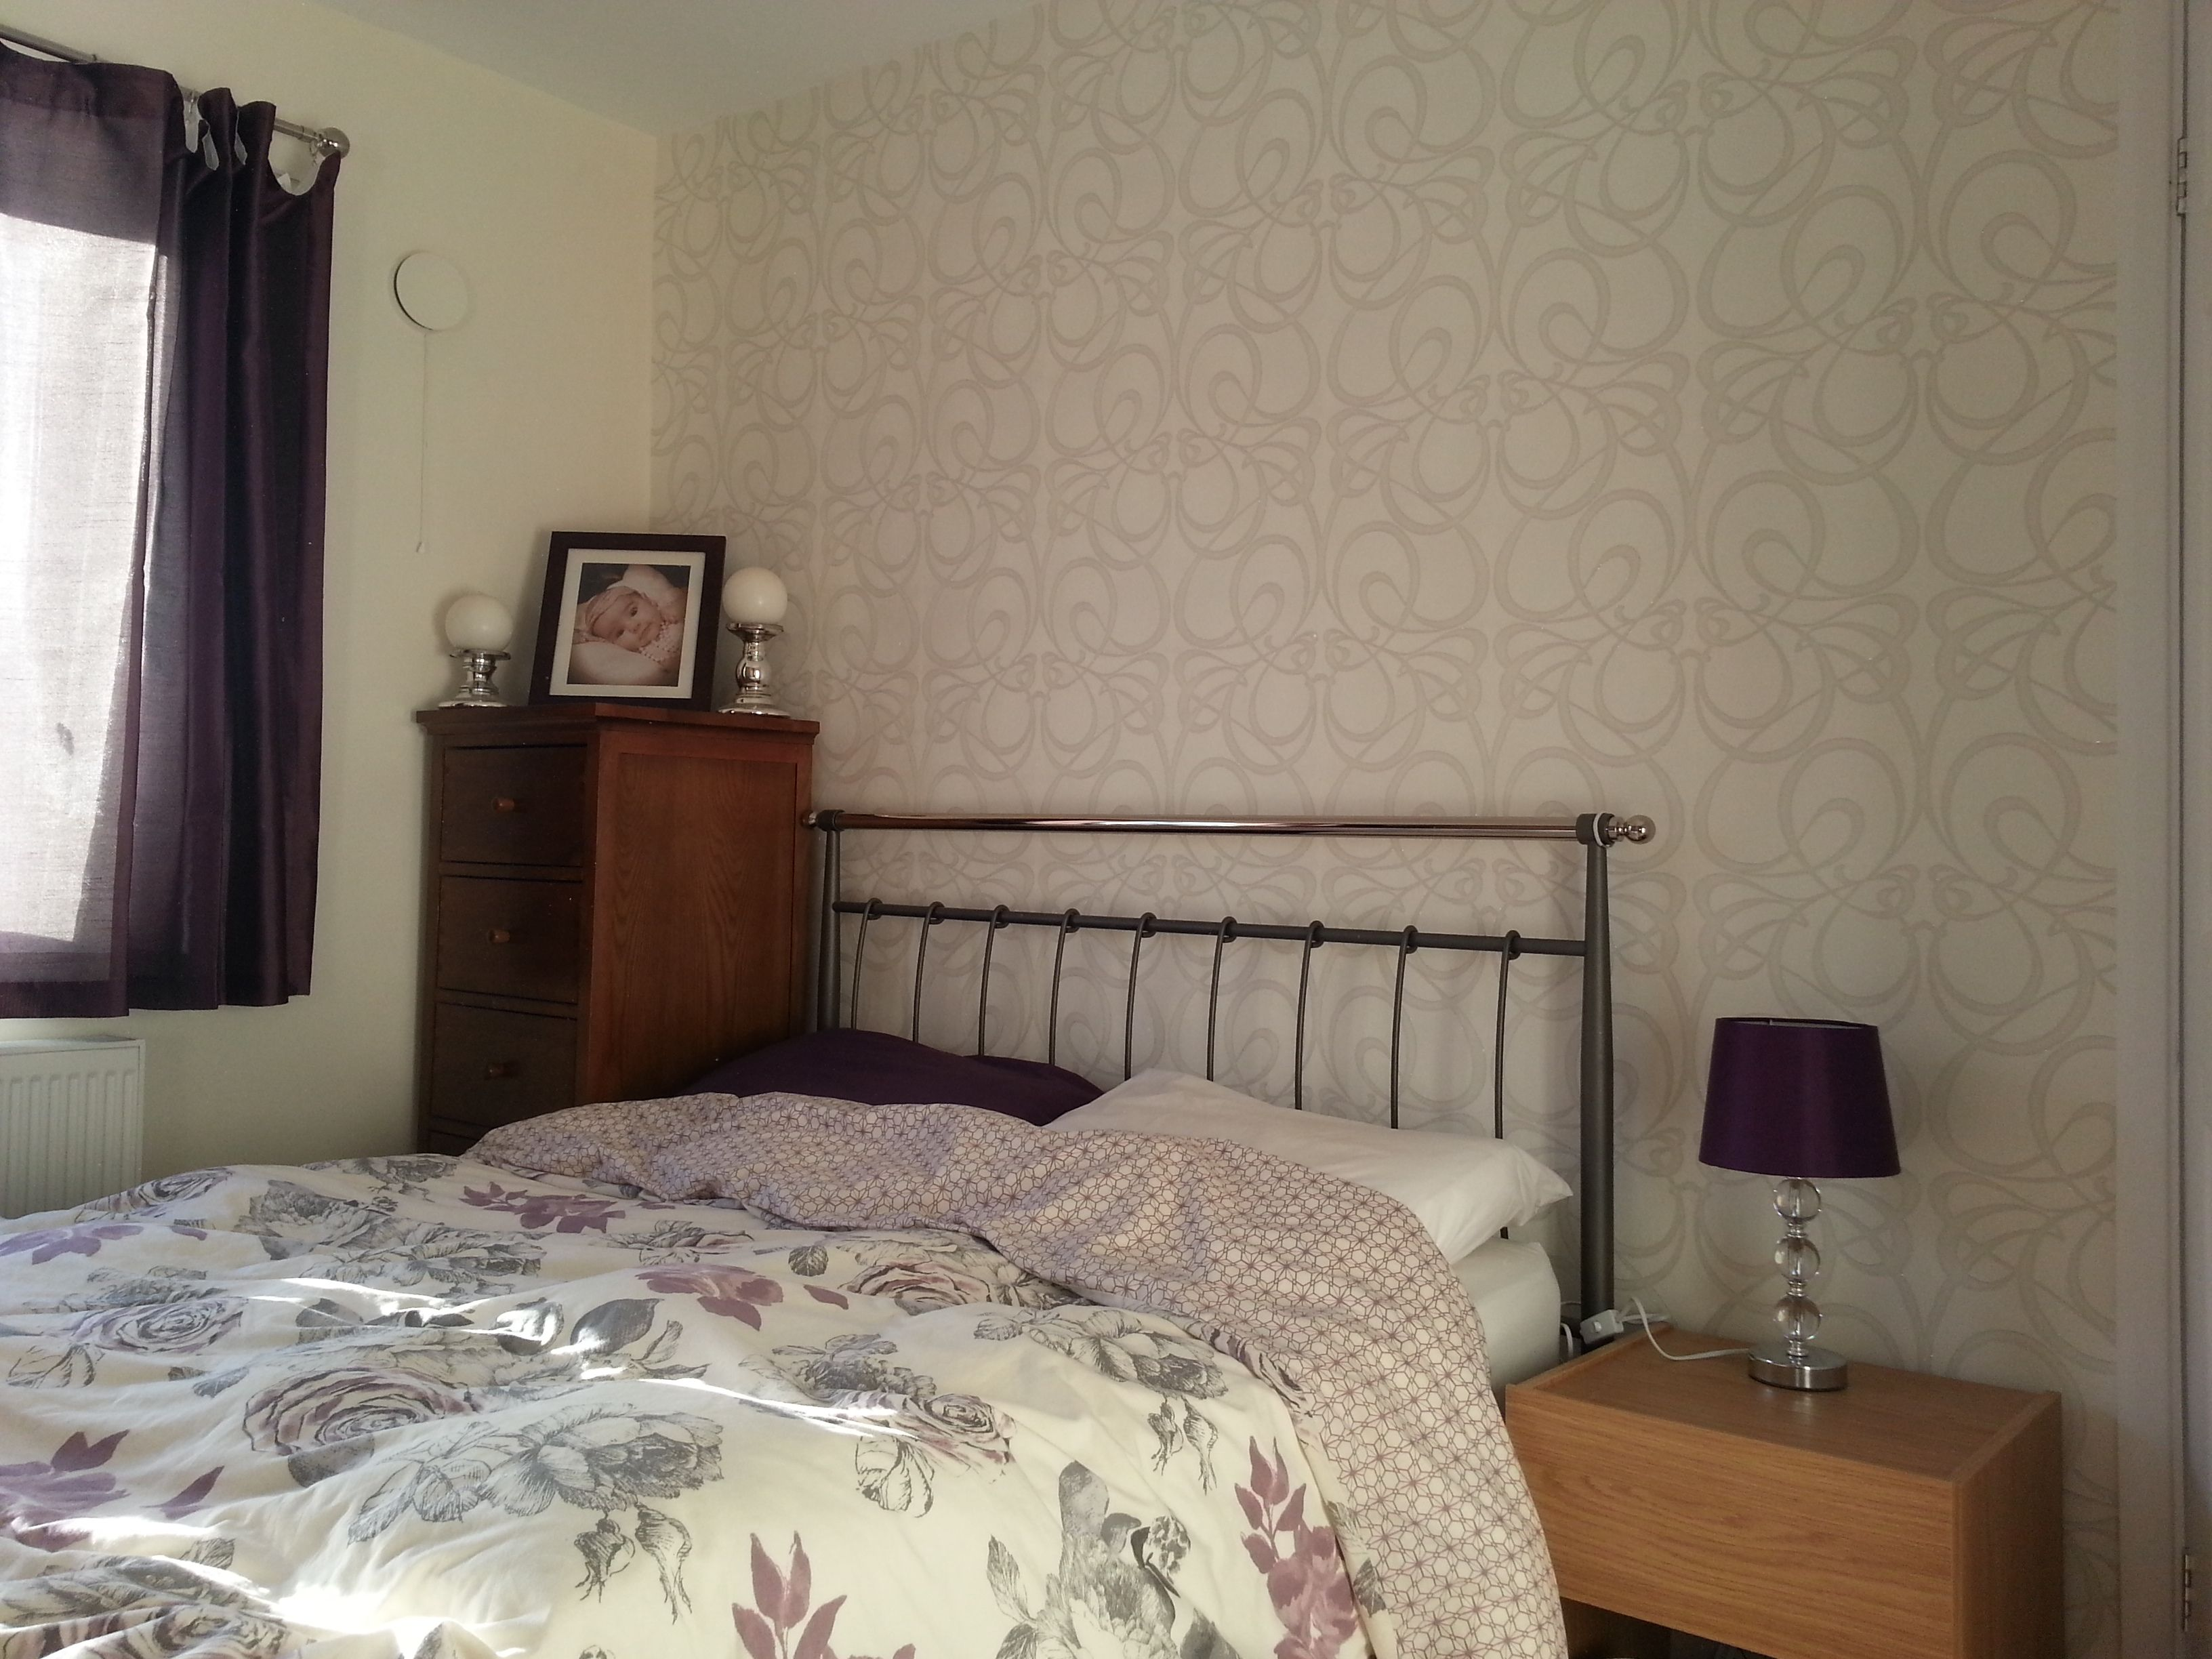 Bedroom Wallpaper Finished Homebase Art Deco Home Make Over